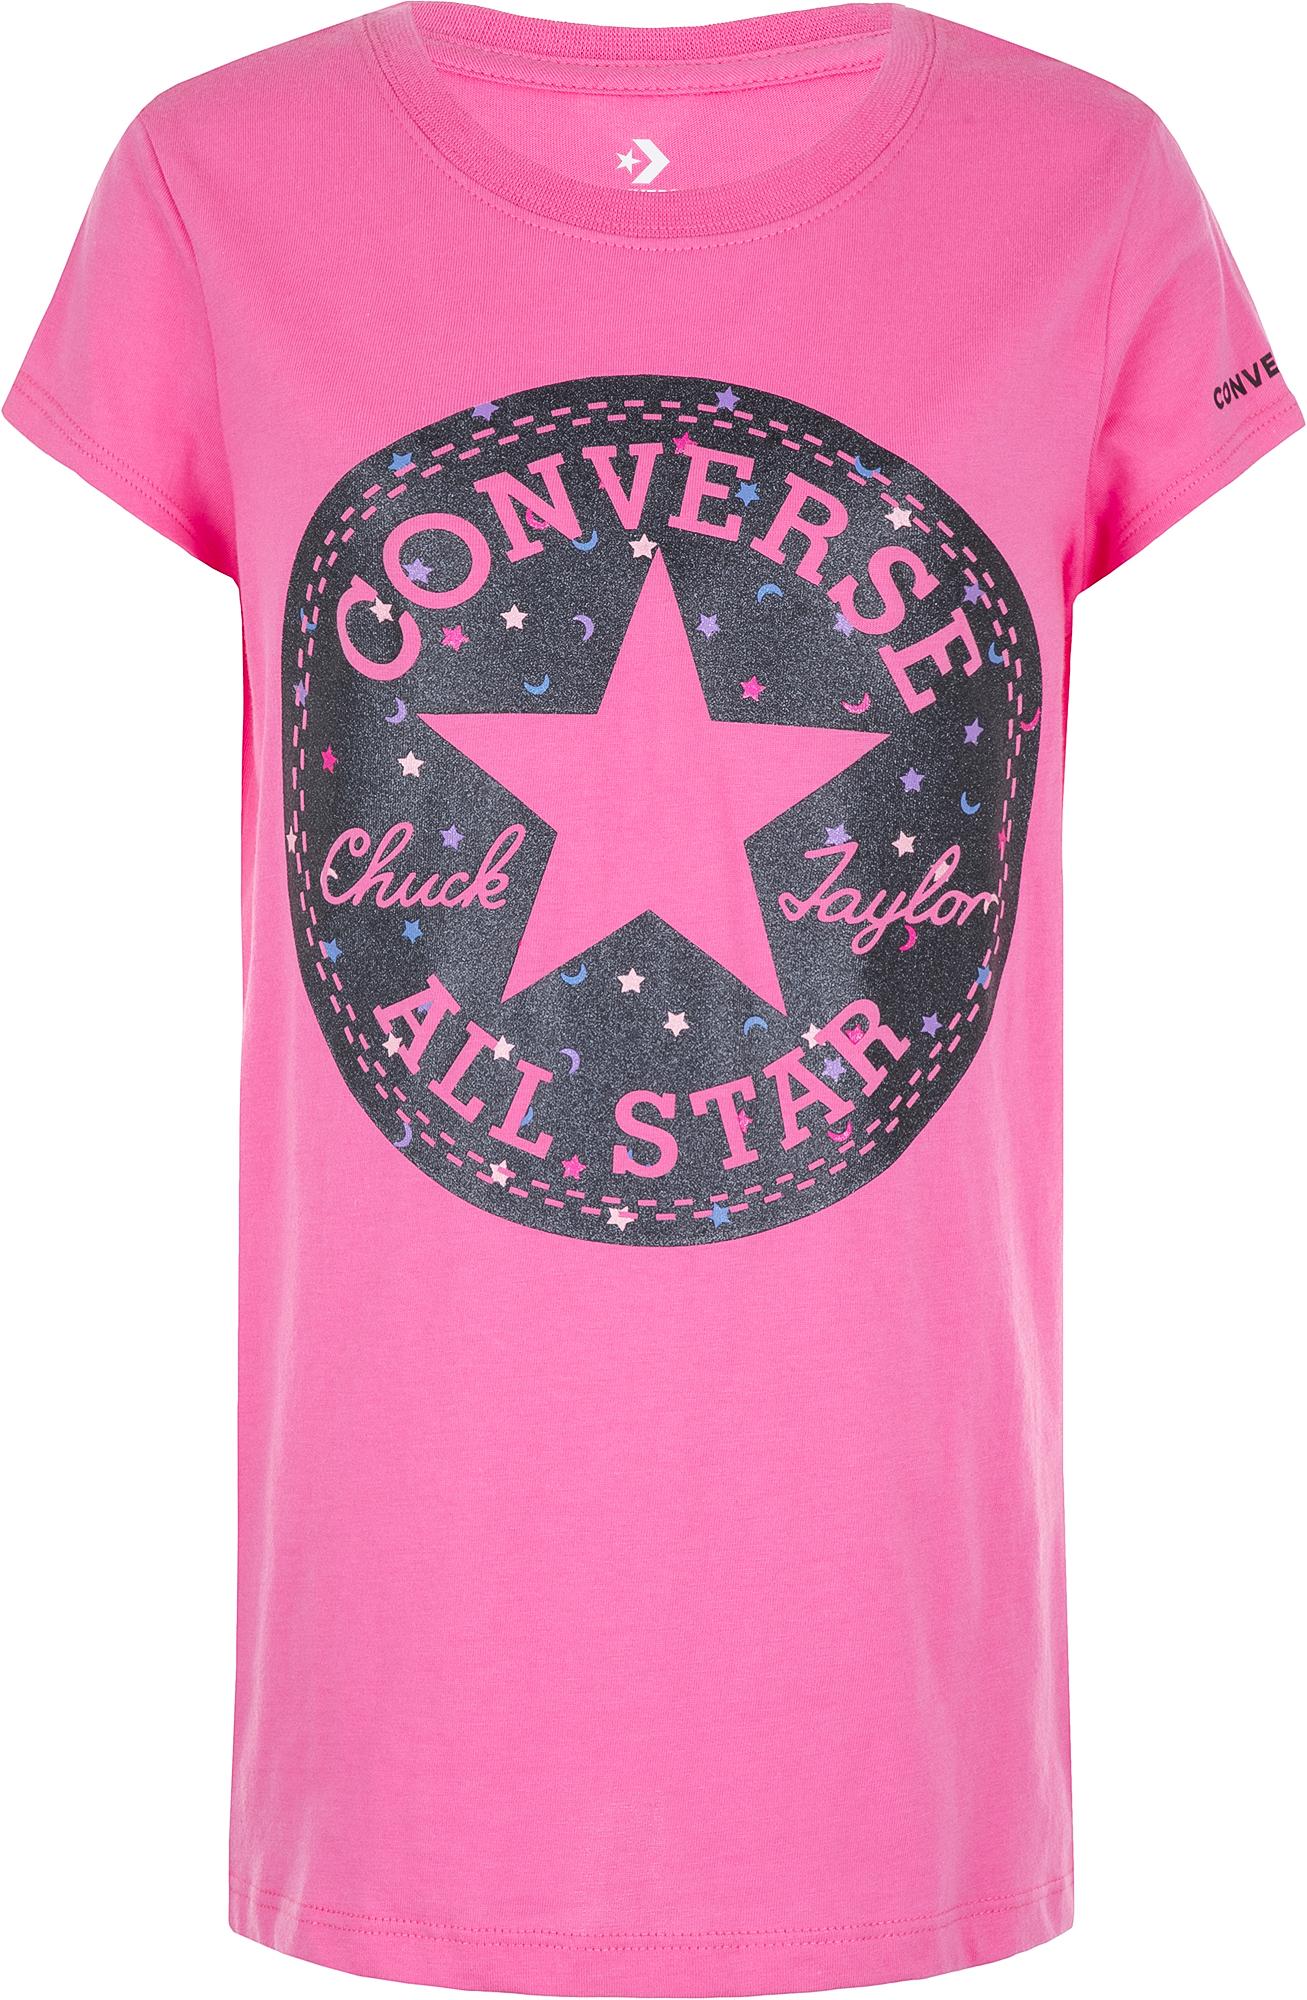 Converse Футболка для девочек Converse Chuck Patch Moon, размер 164